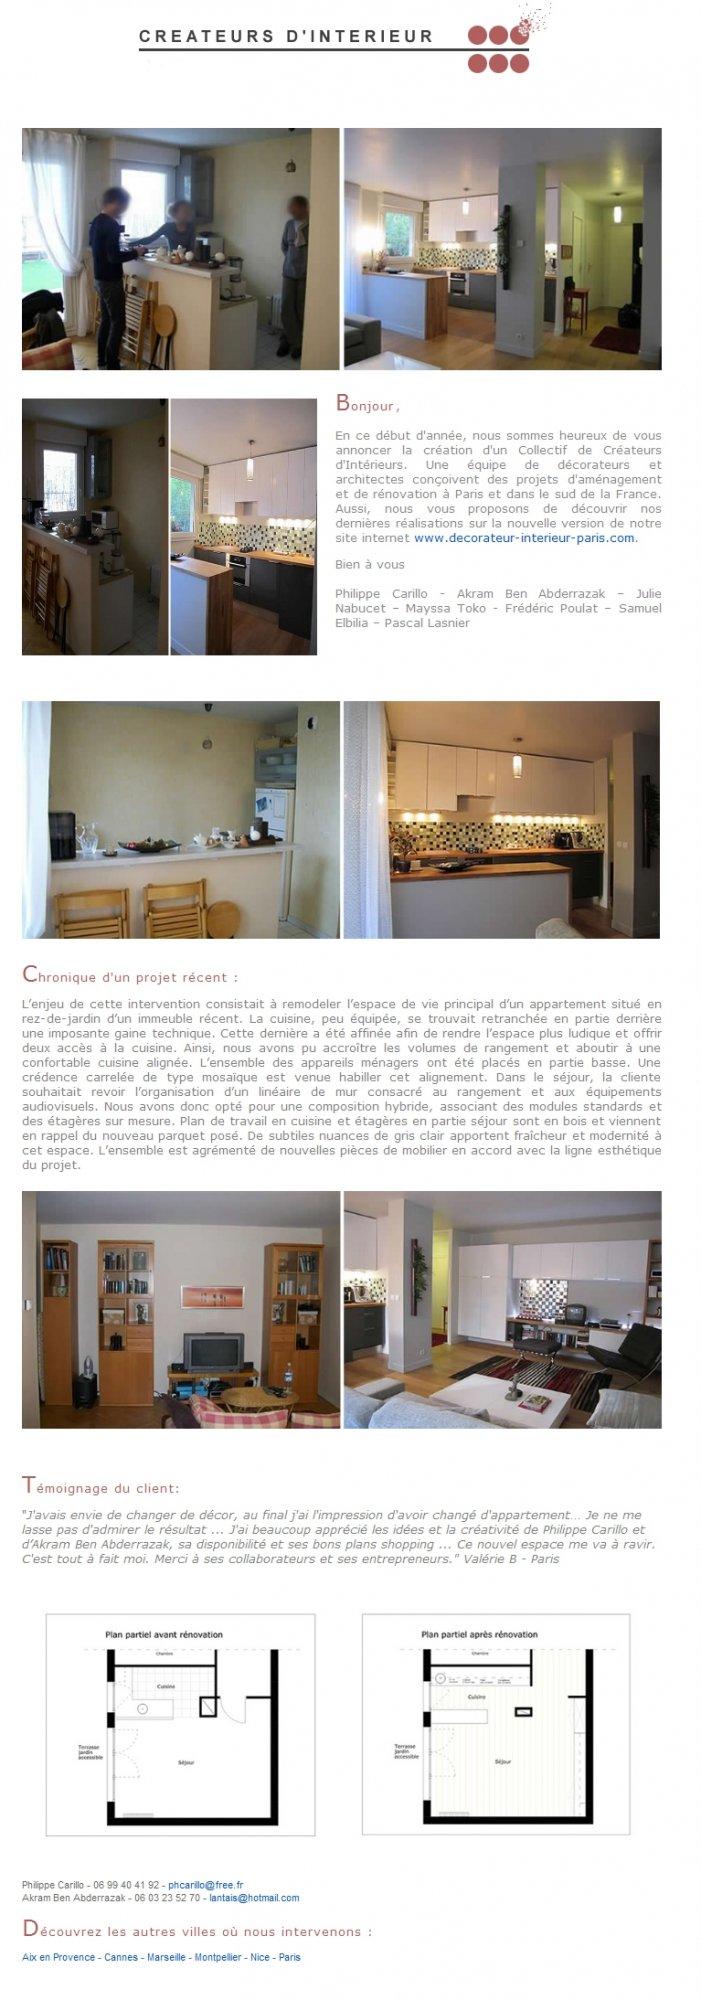 newsletter cr ateurs d 39 int rieur bordeaux. Black Bedroom Furniture Sets. Home Design Ideas